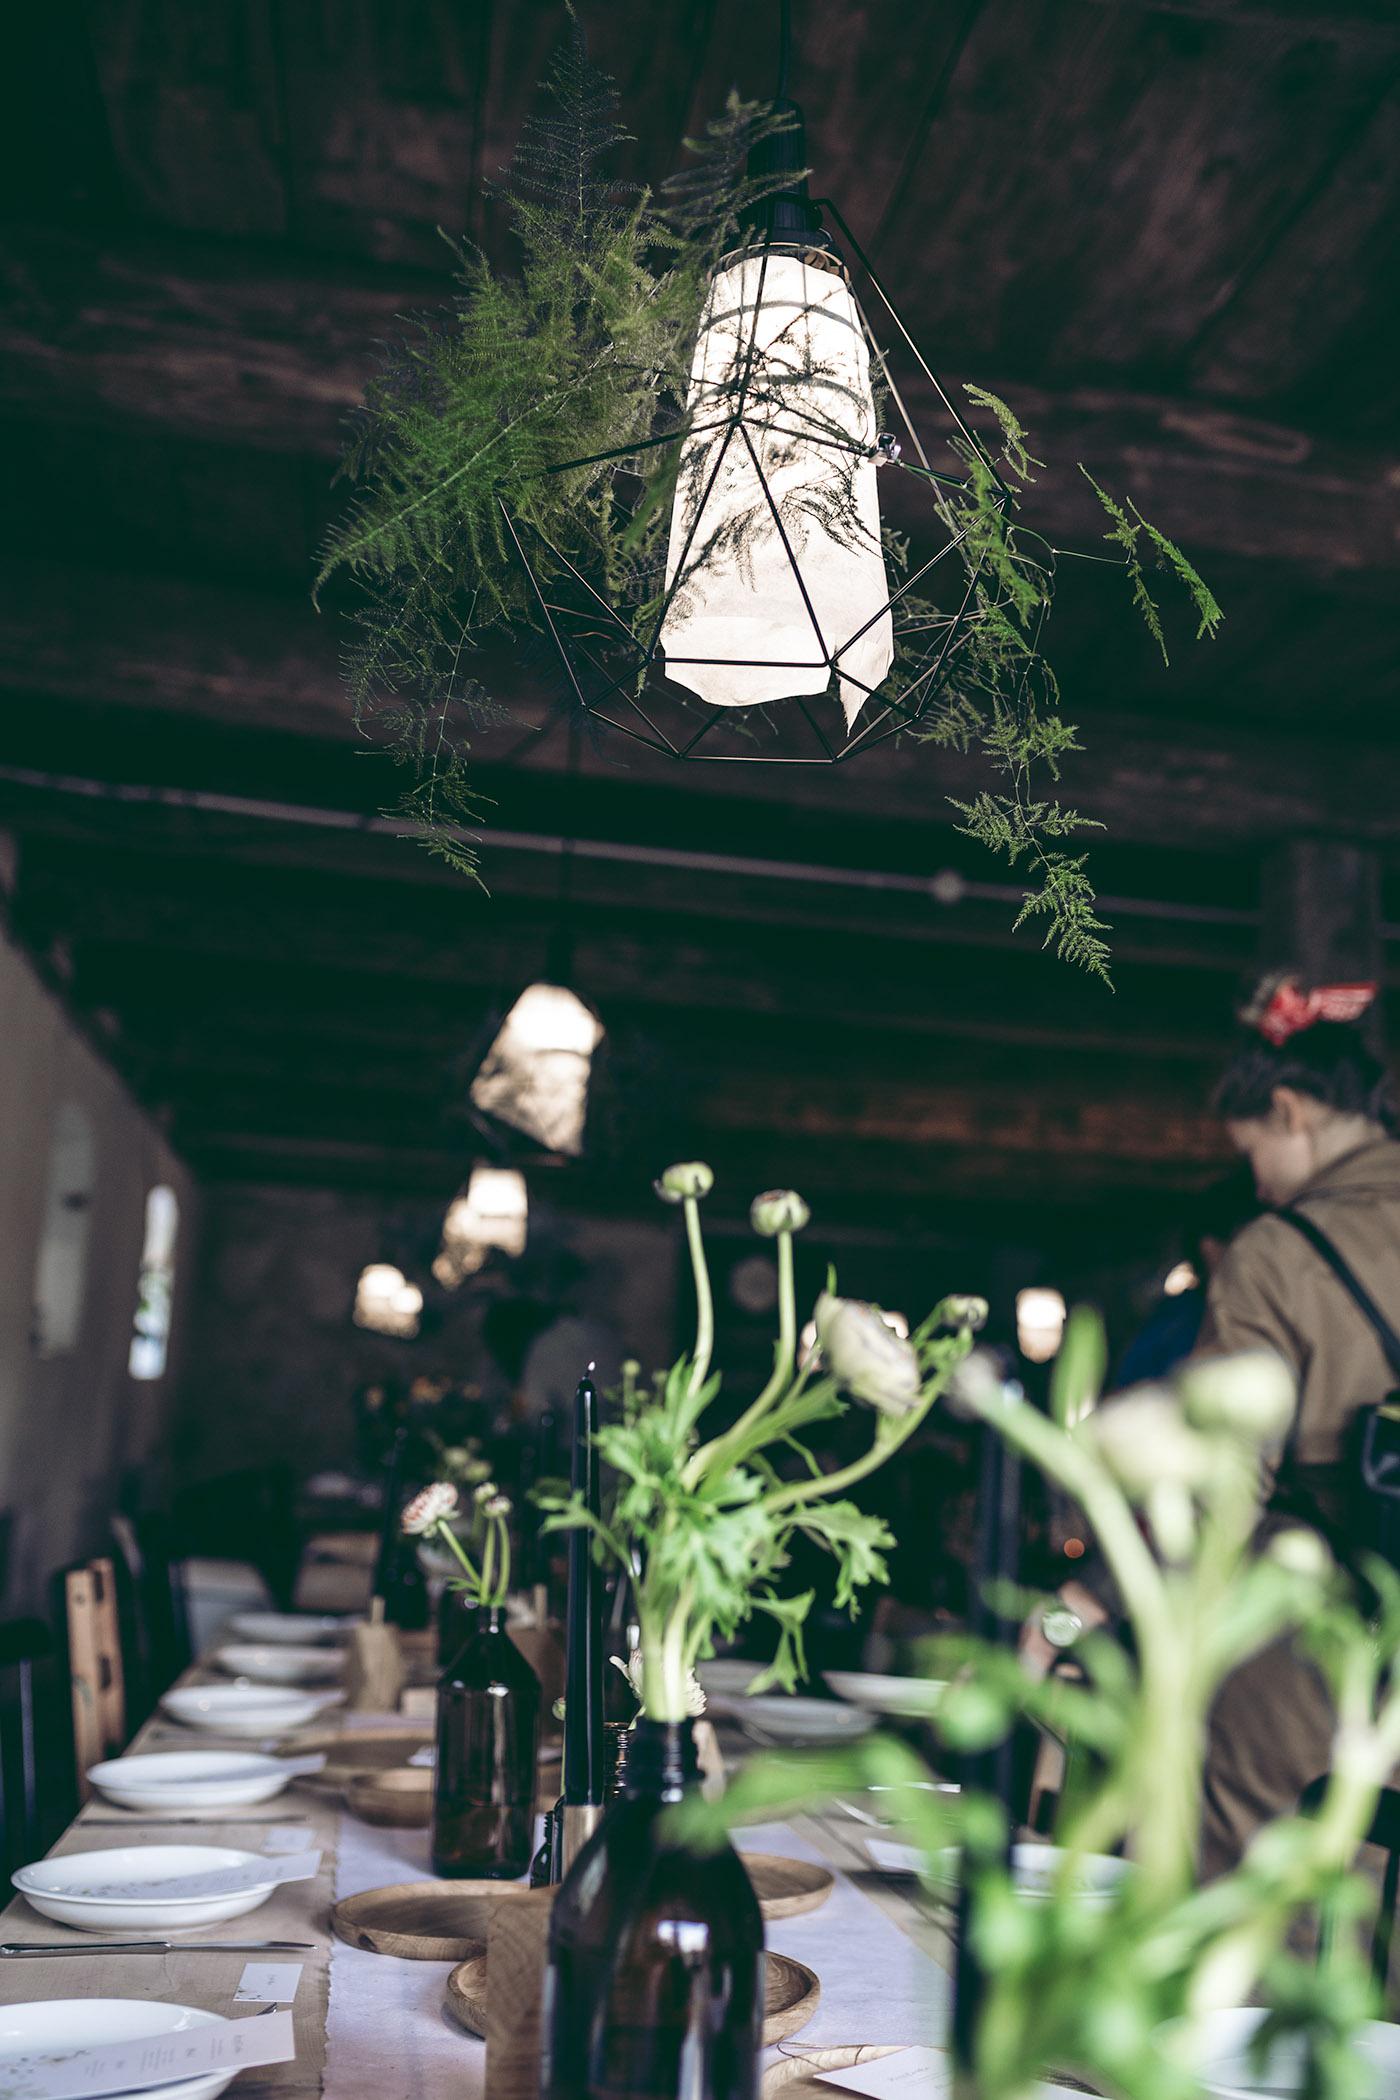 Slow wedding day, kotulińskiego 6, wesele w klimacie boho, wystój weselnego stołu, dekoracje stołu na wesele